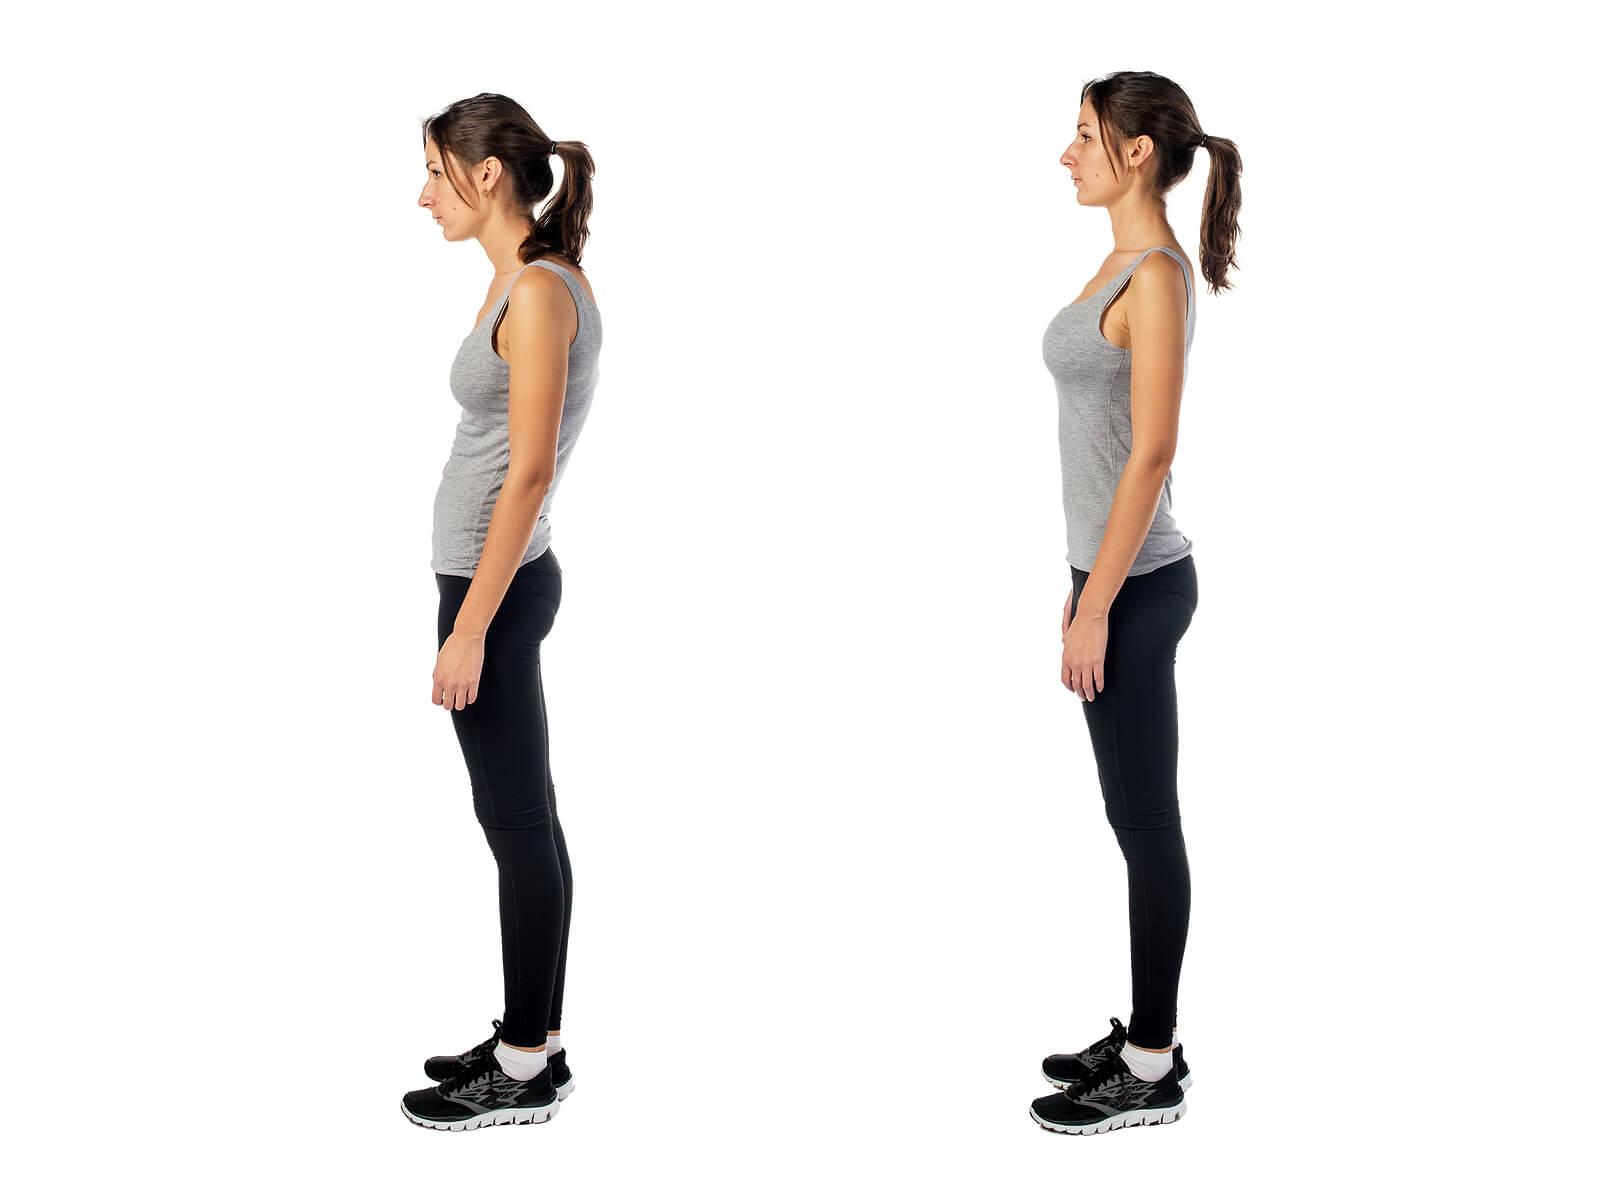 Se recomienda mejorar la postura corporal para evitar dolores.